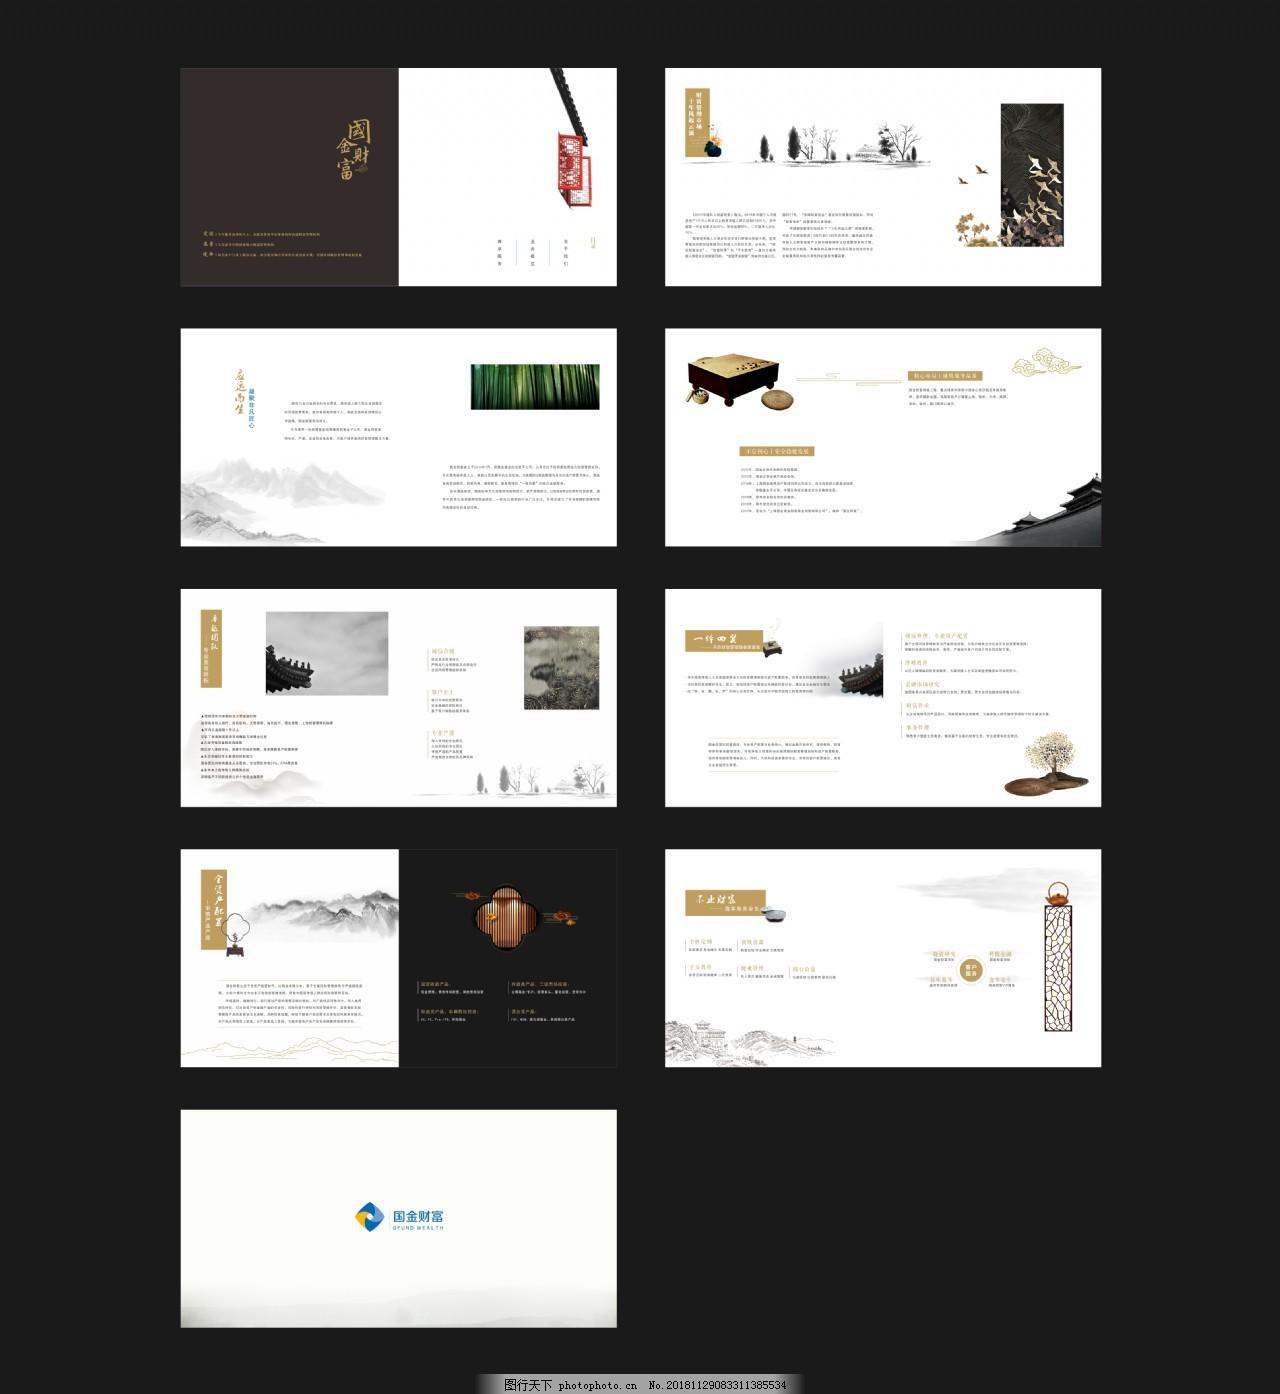 传统企业产品画册杂志,金融画册,集团画册,企业画册,金融财富画册,金融理财宣传册